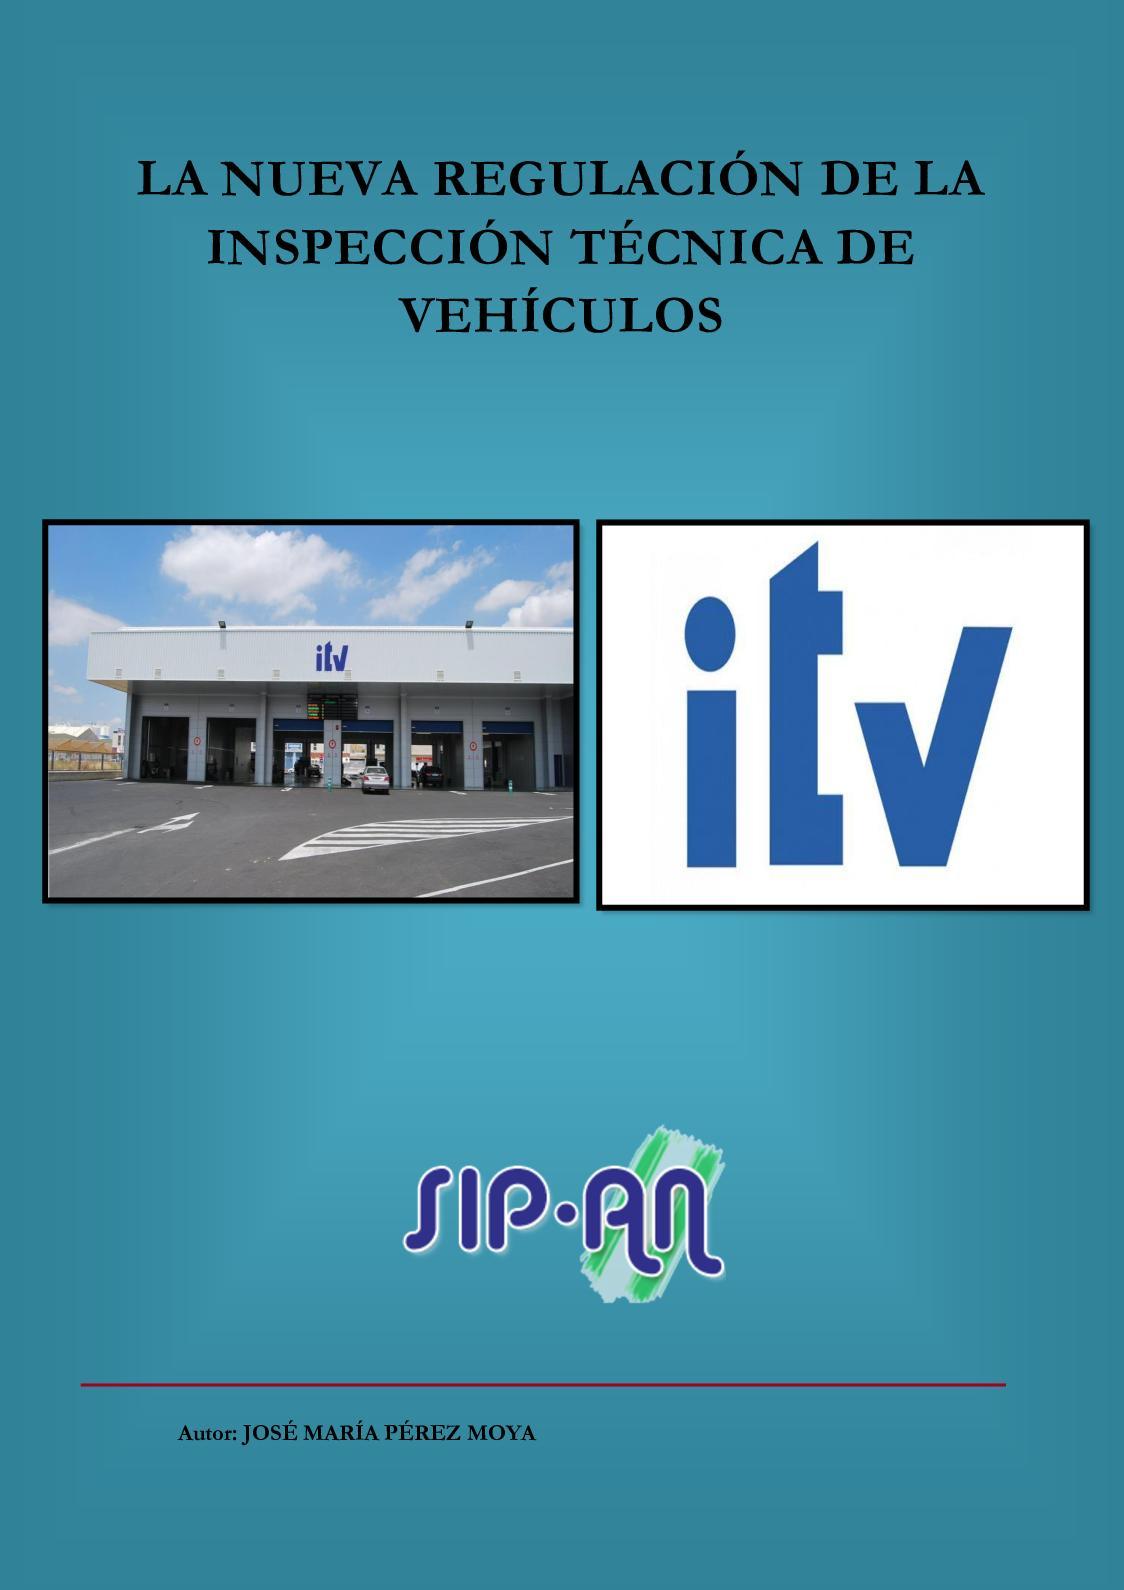 464 La Nueva Regulación De La Inspección Técnica De Vehículos